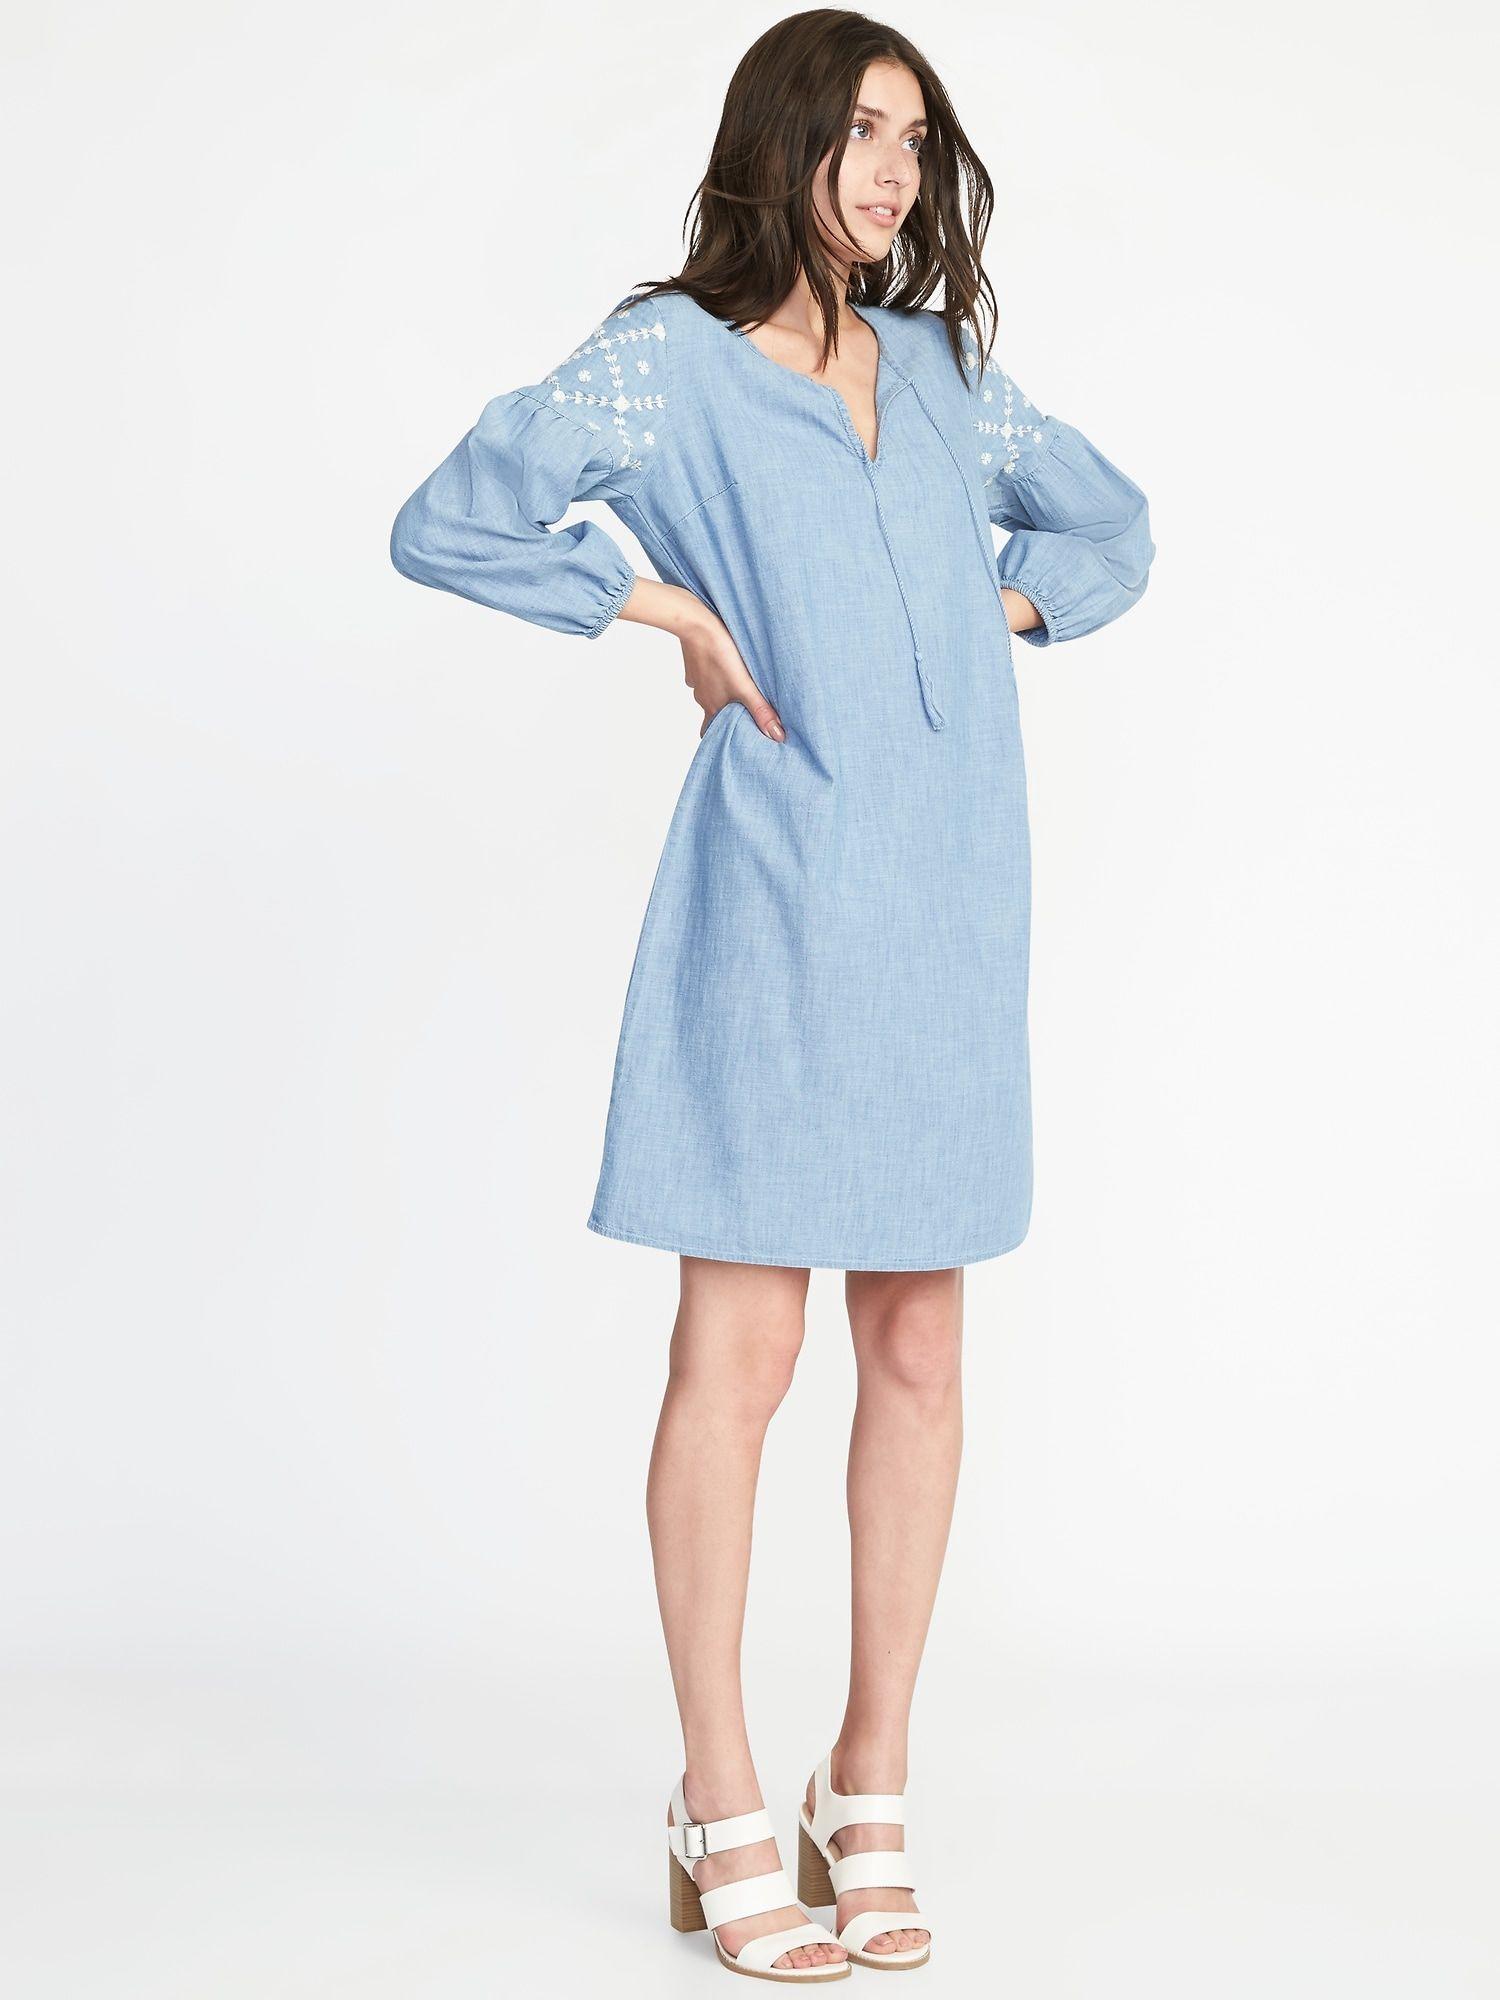 51801b5ec4bf Boho Tassel-Tie Chambray Shift Dress for Women |old-navy | Modest ...